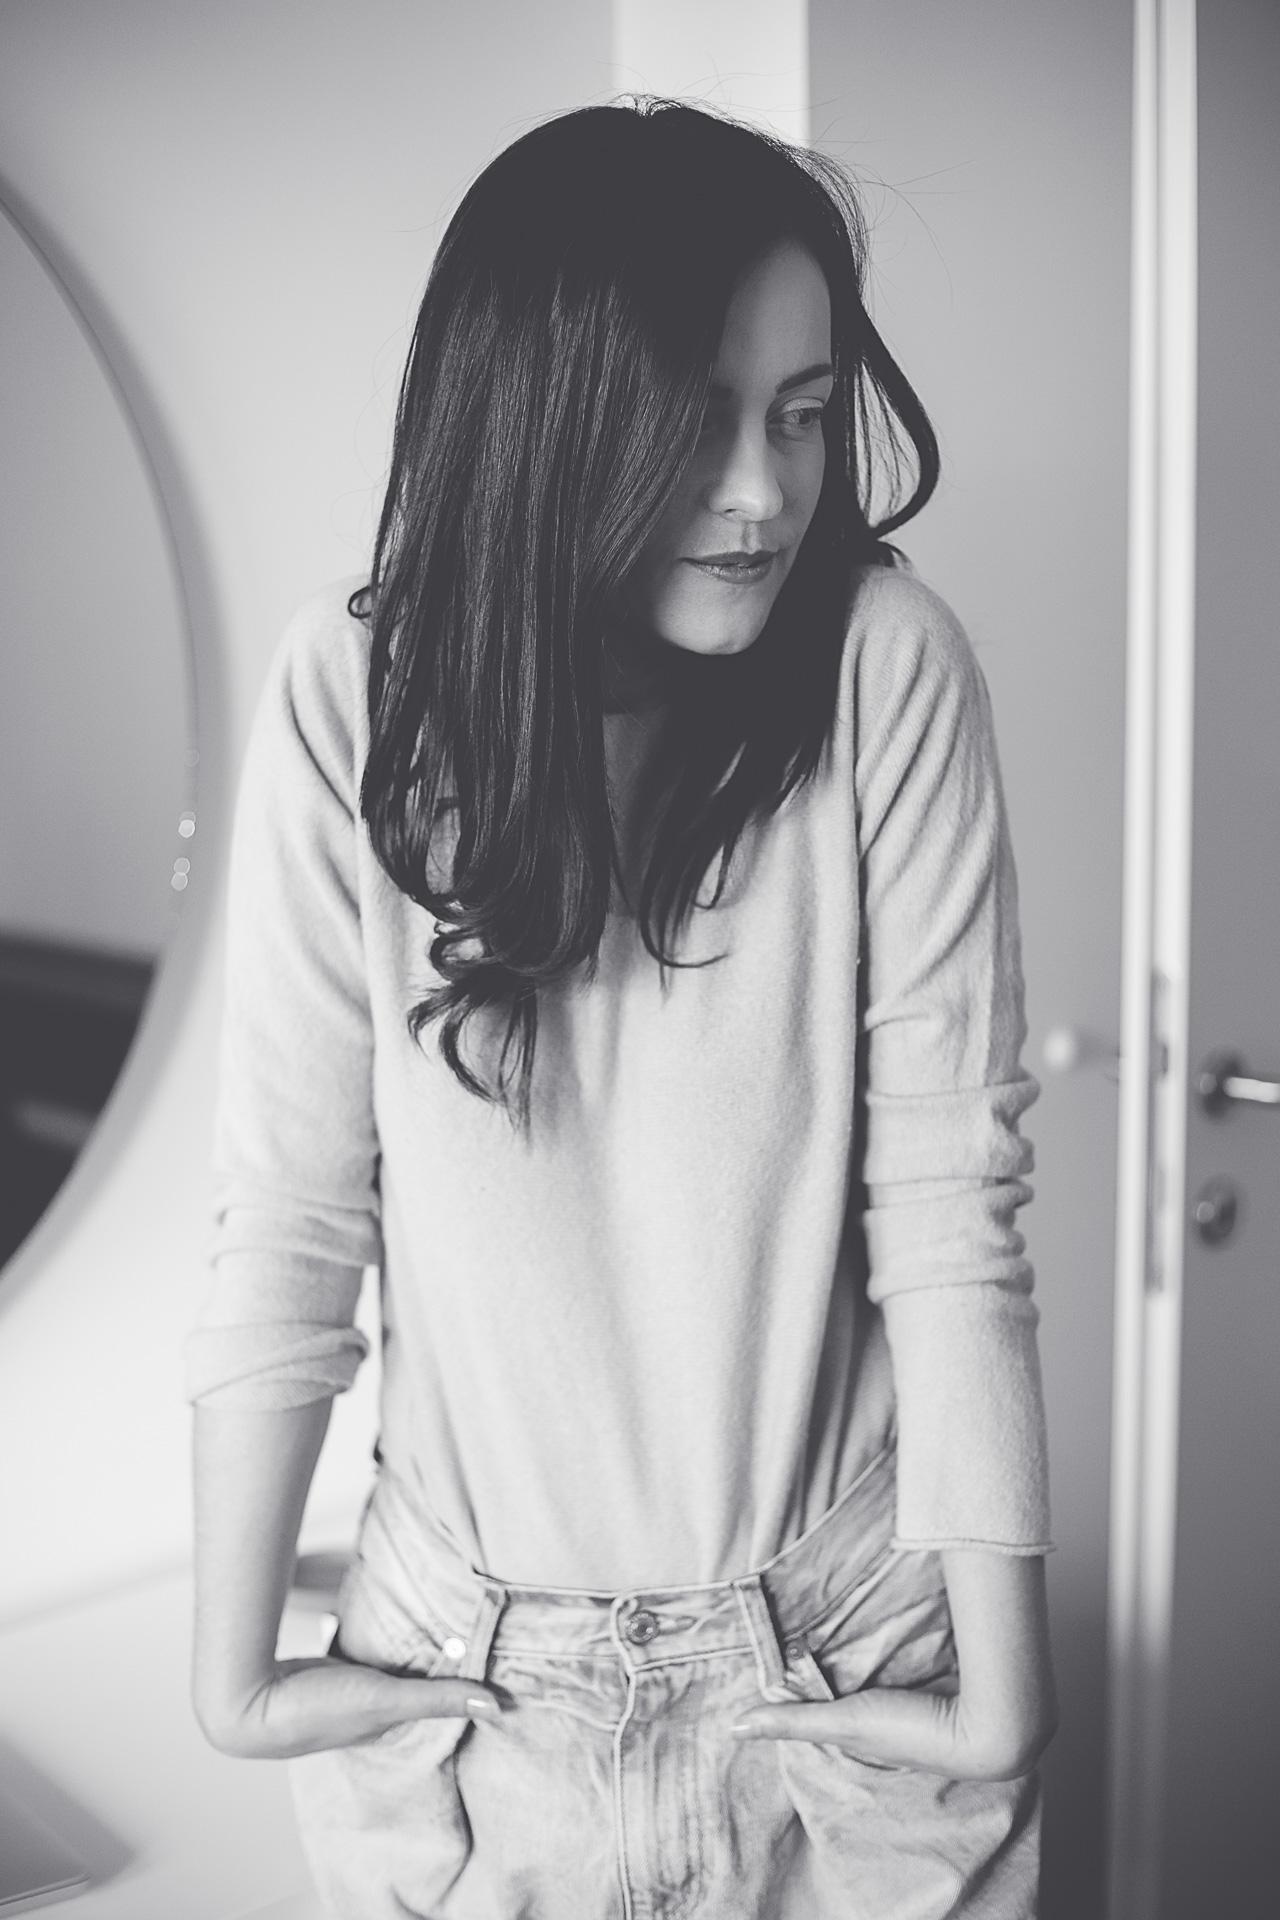 Elisabeth_Femotions_11